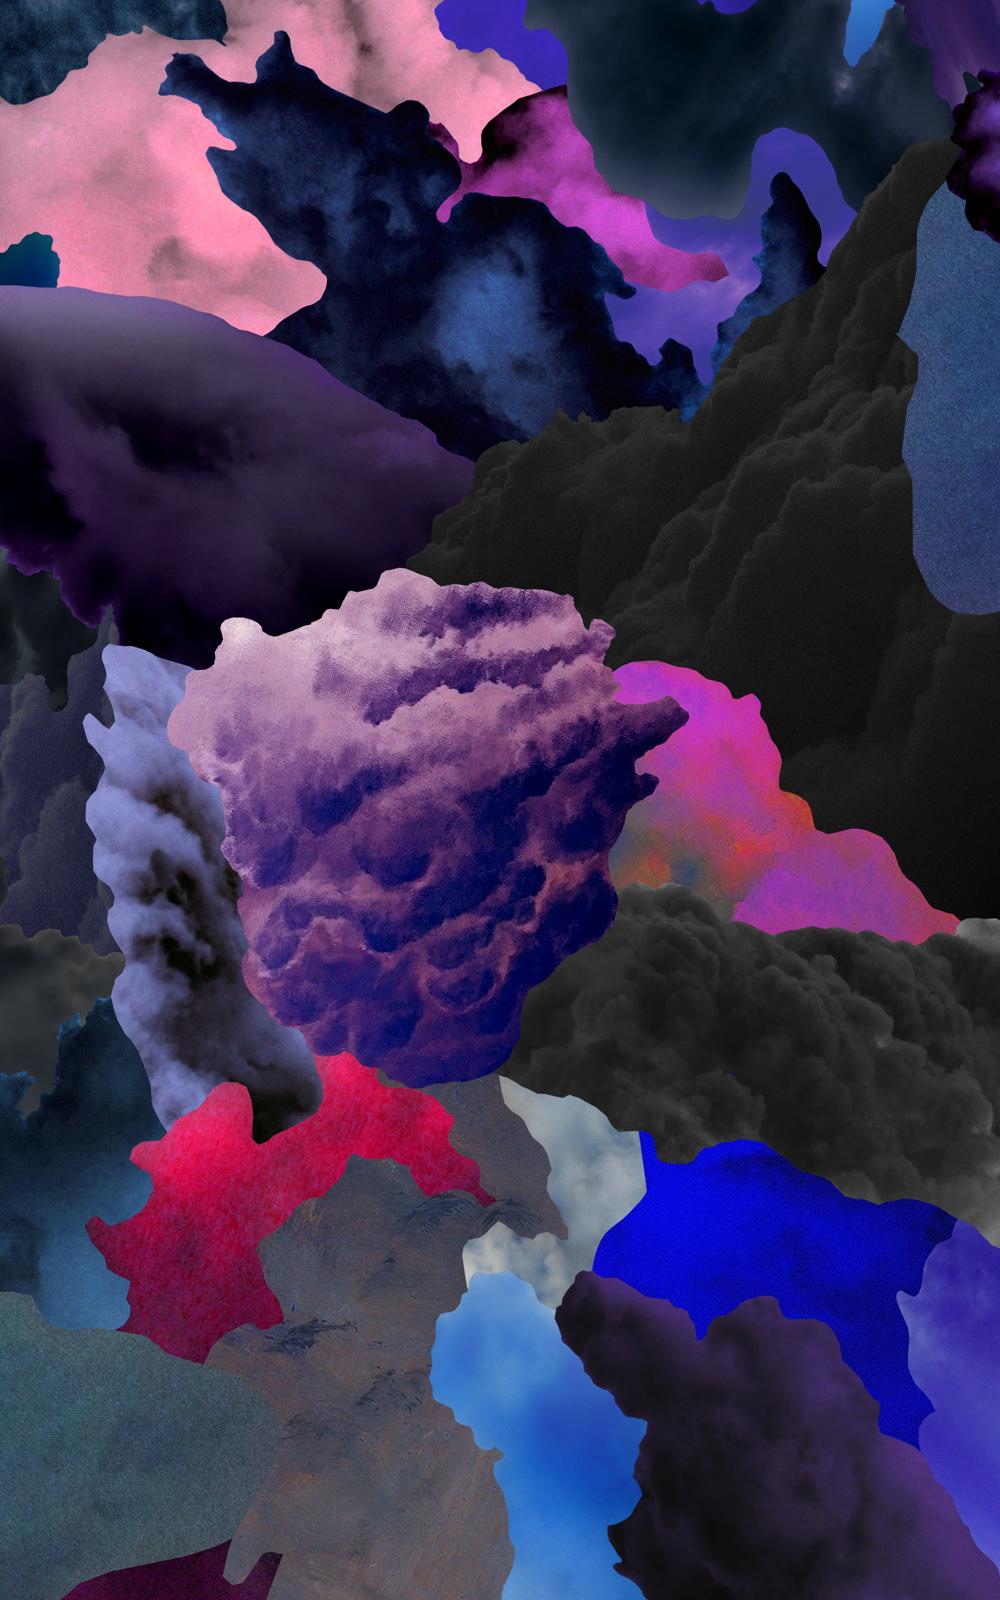 Case Simmons, The Great Landscape Suite (Color), Pigment Print, Digital Collage, Digital Art, Photoshop Collage, Contemporary Collage, Photoshop Actions, Case Simmons Art